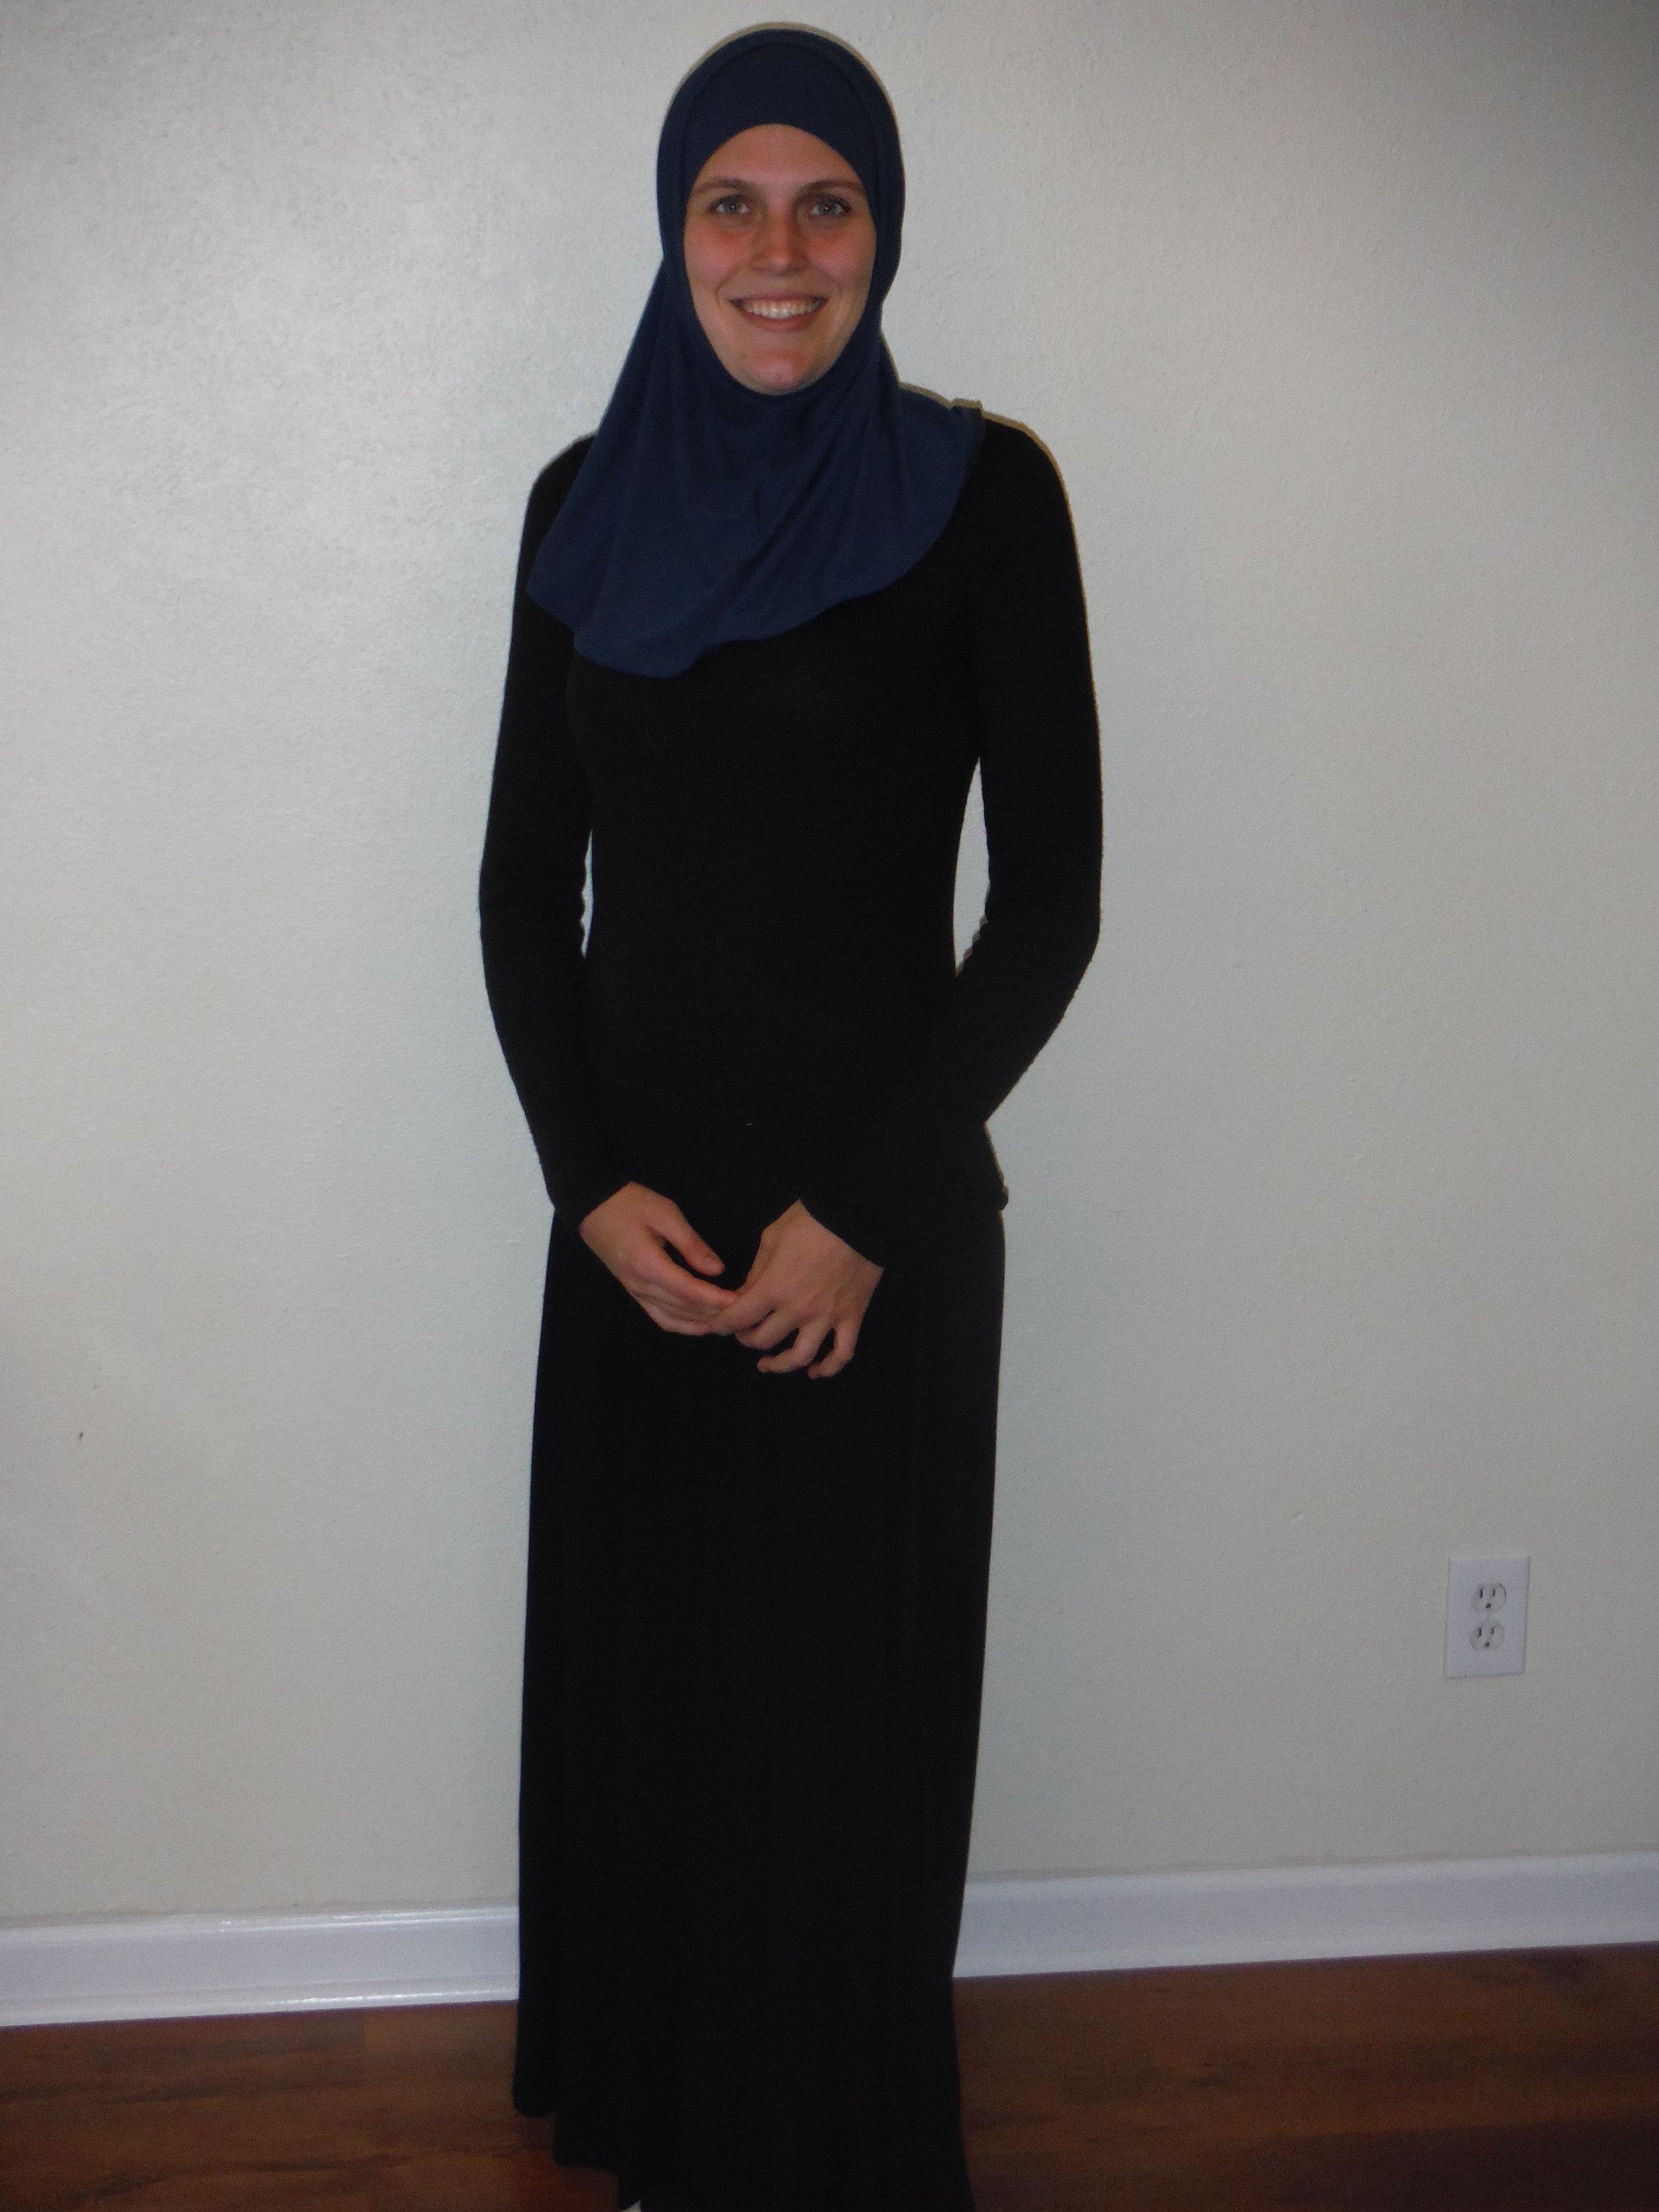 Anne Garboczi Evans in Hijab